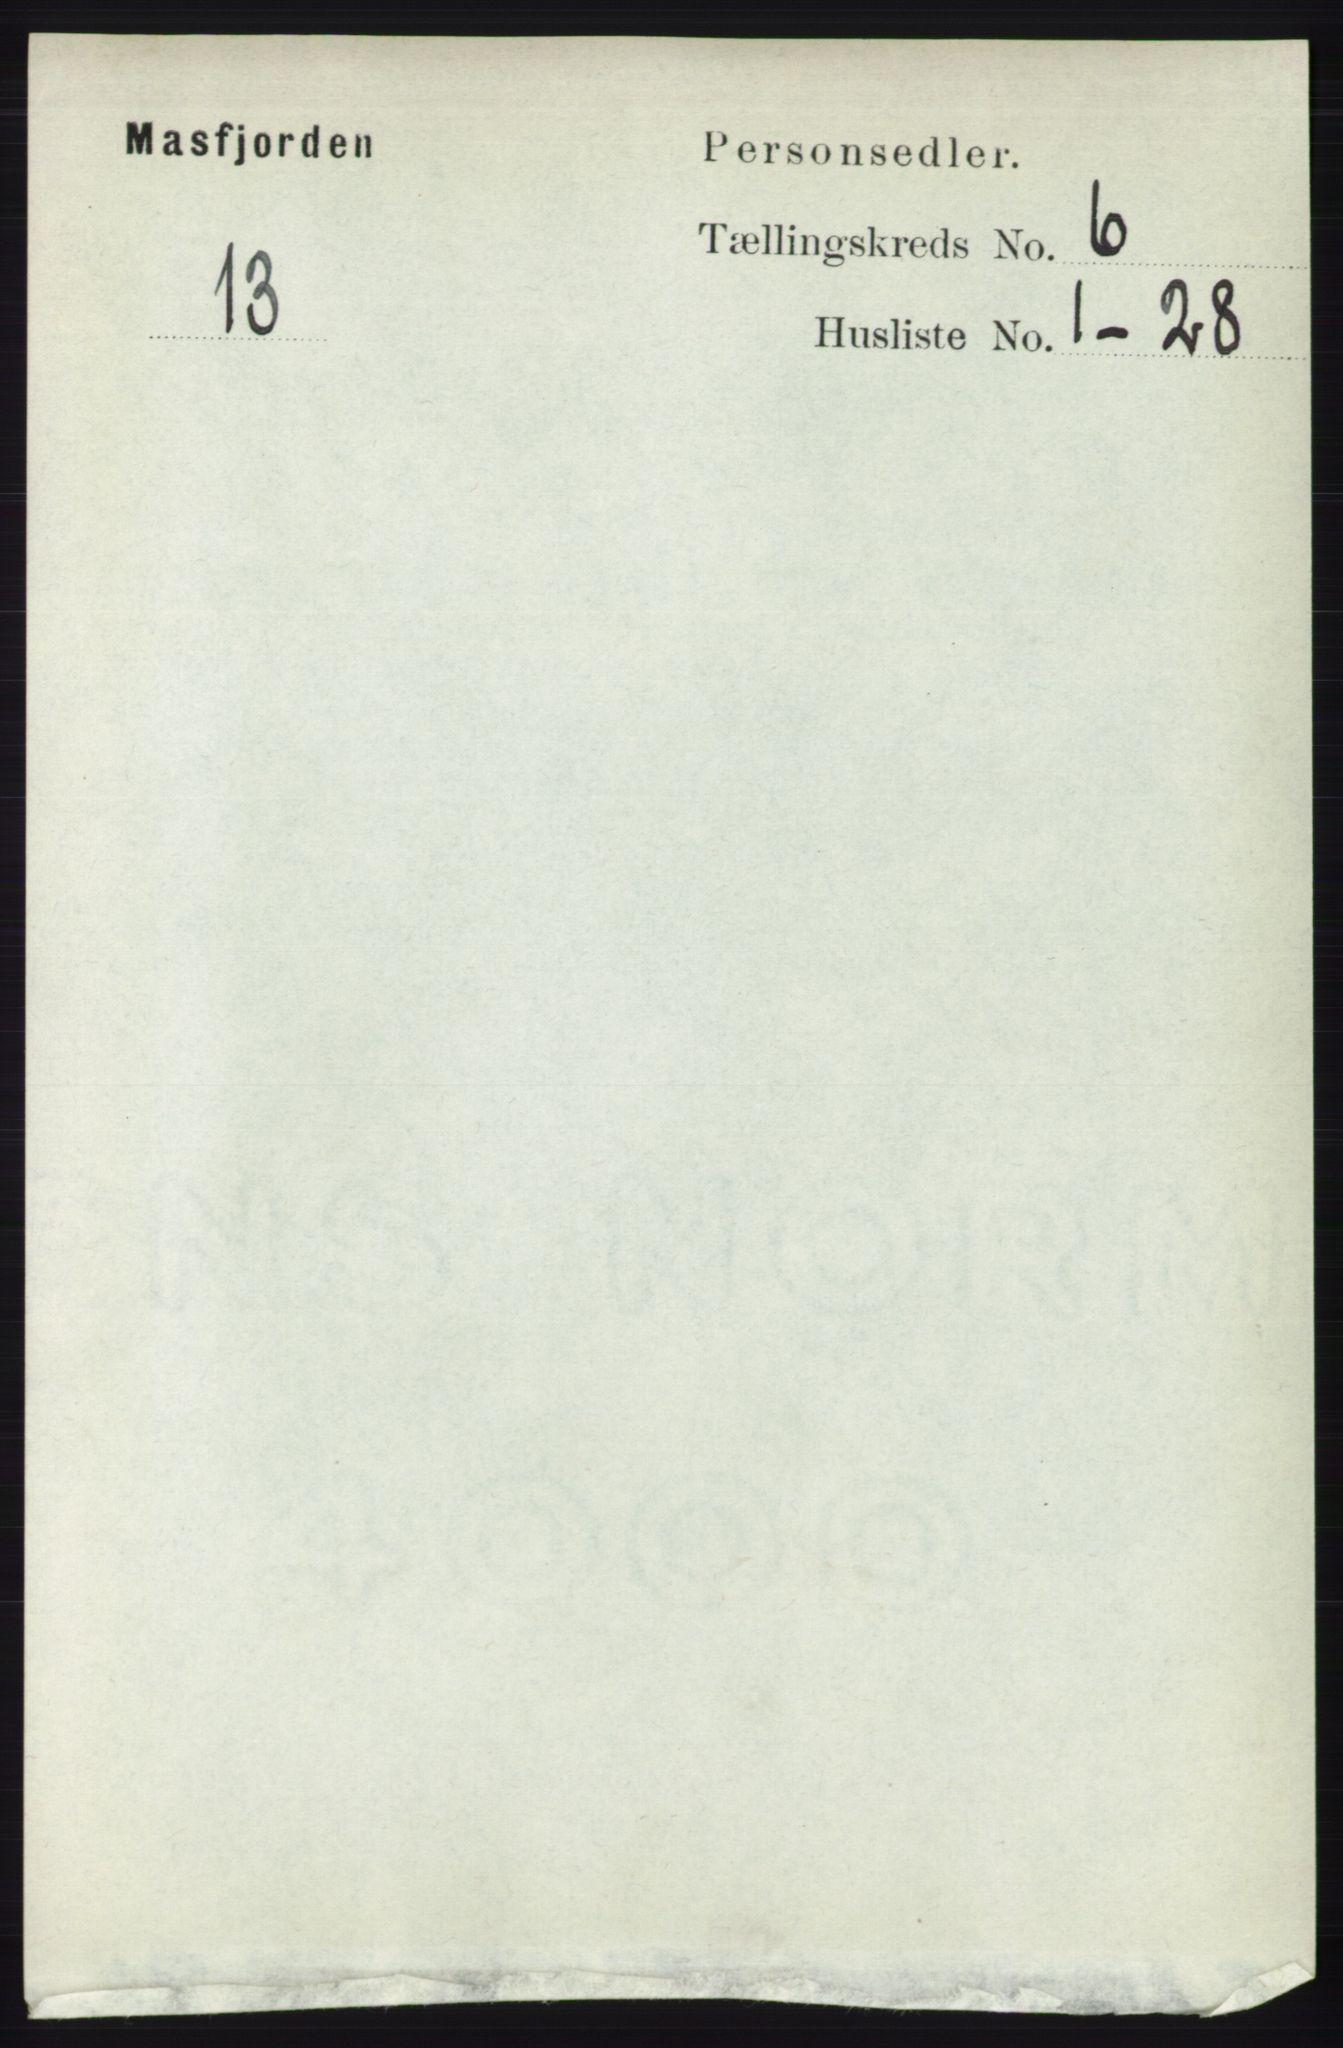 RA, Folketelling 1891 for 1266 Masfjorden herred, 1891, s. 951